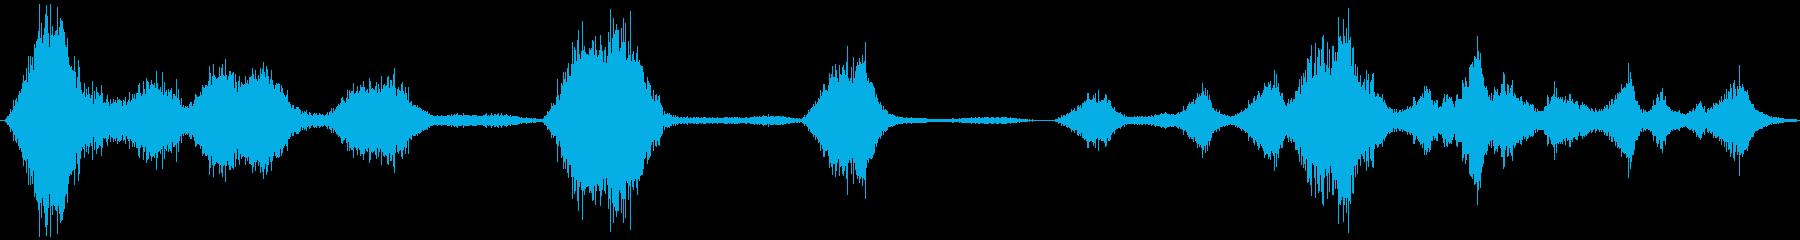 風の吹く音の再生済みの波形